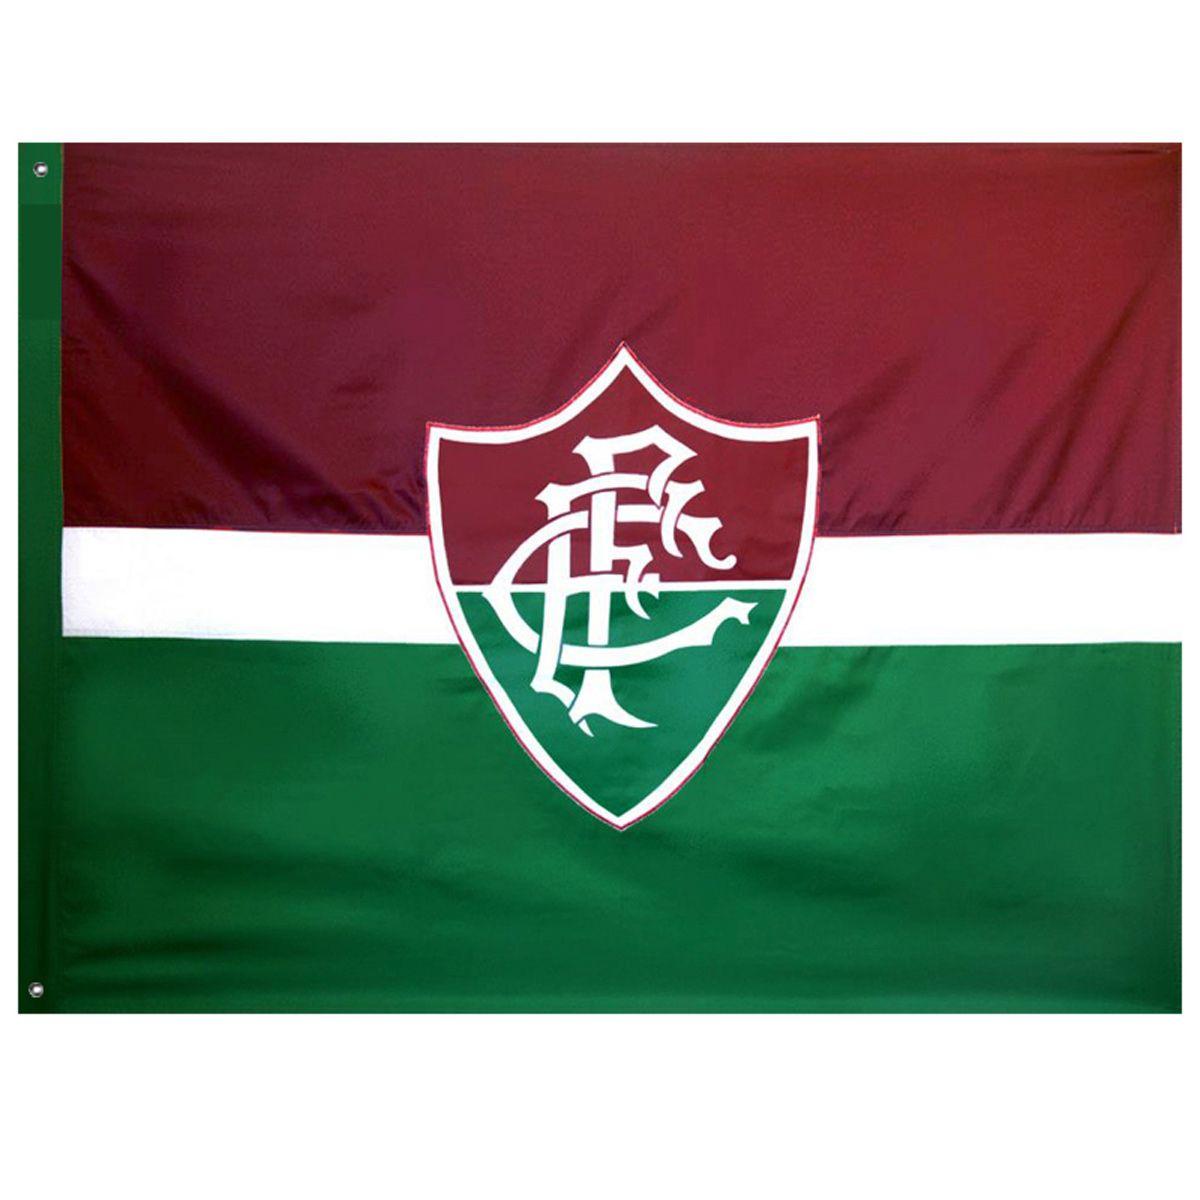 Bandeira Oficial do Fluminense 128 x 90 cm - 2 panos